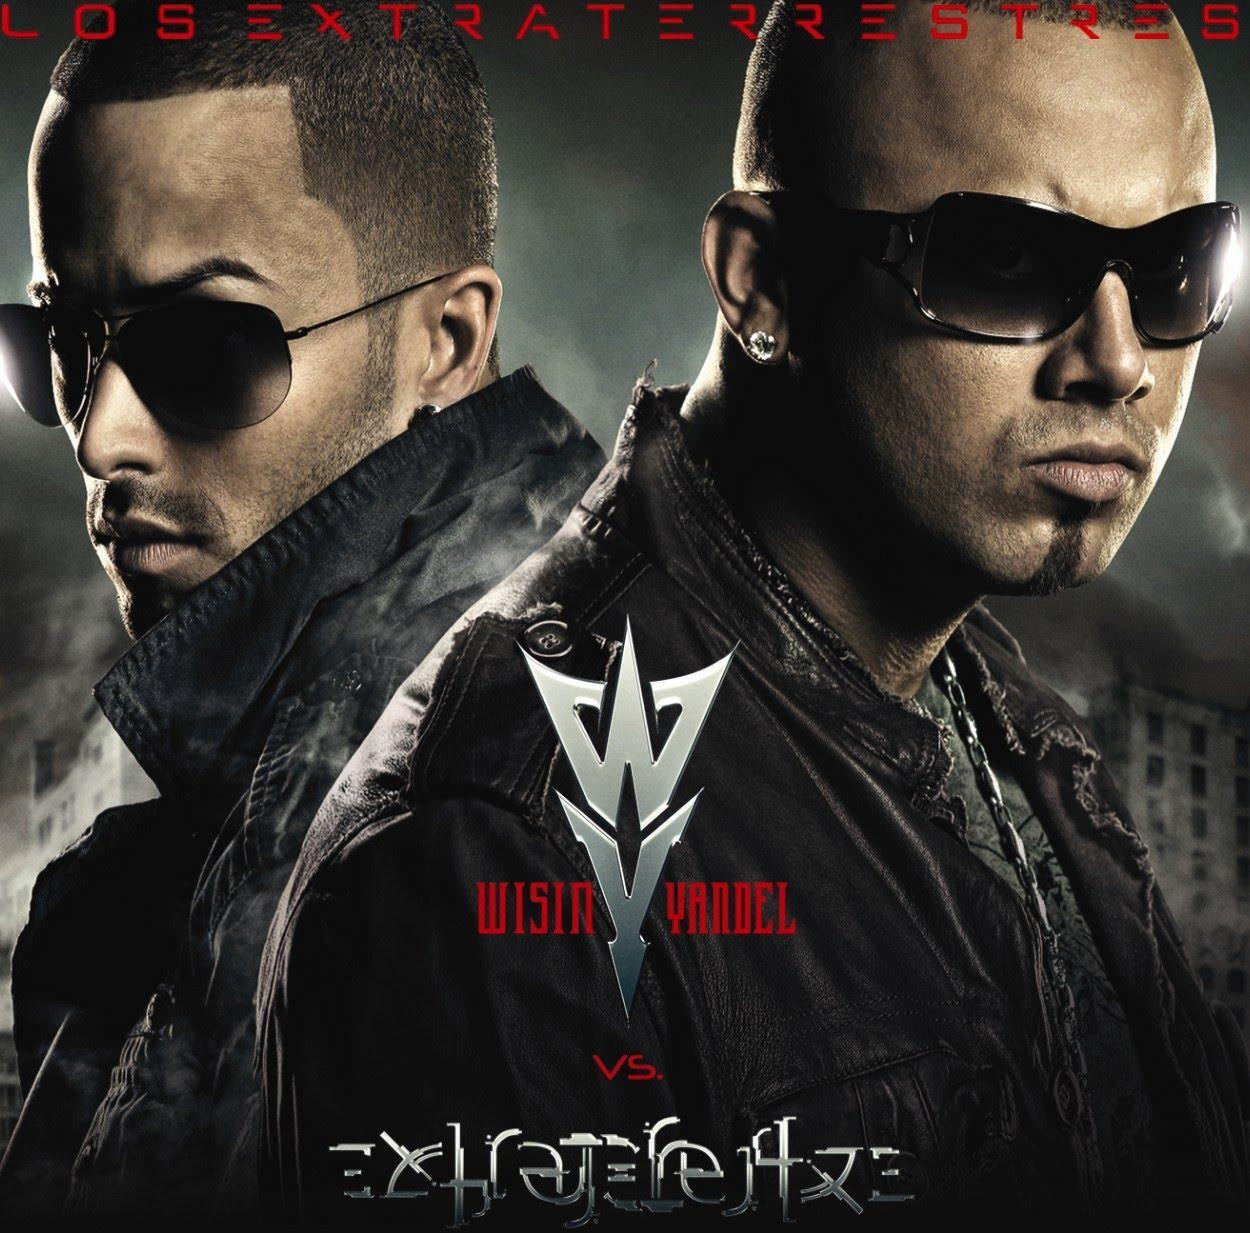 Descargar Perdido Wisin Y Yandel Gratis Free Download